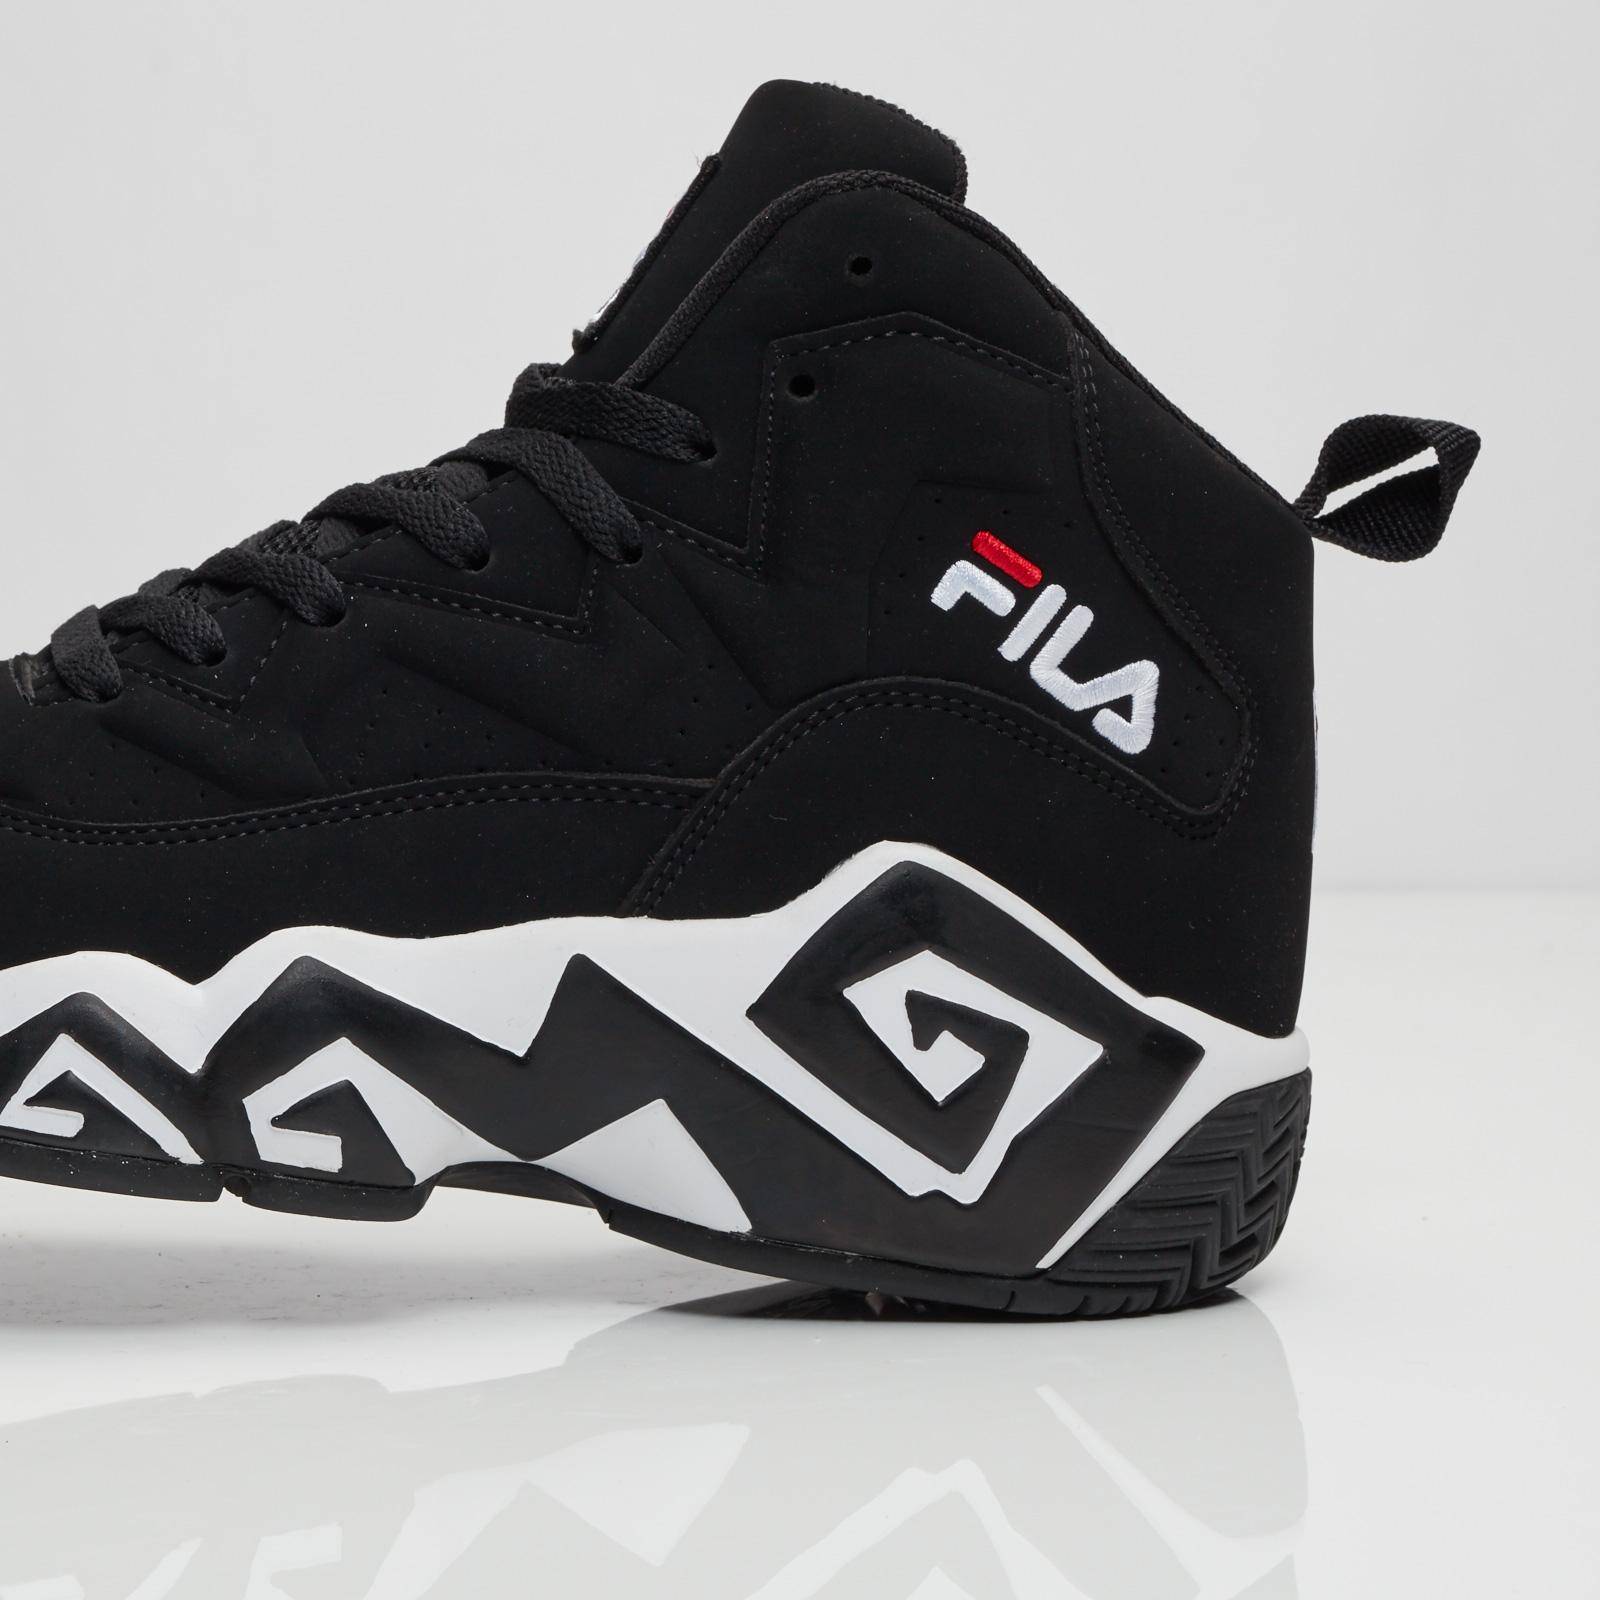 6144d1ec6d8b Fila MB - 1vb90140 - Sneakersnstuff